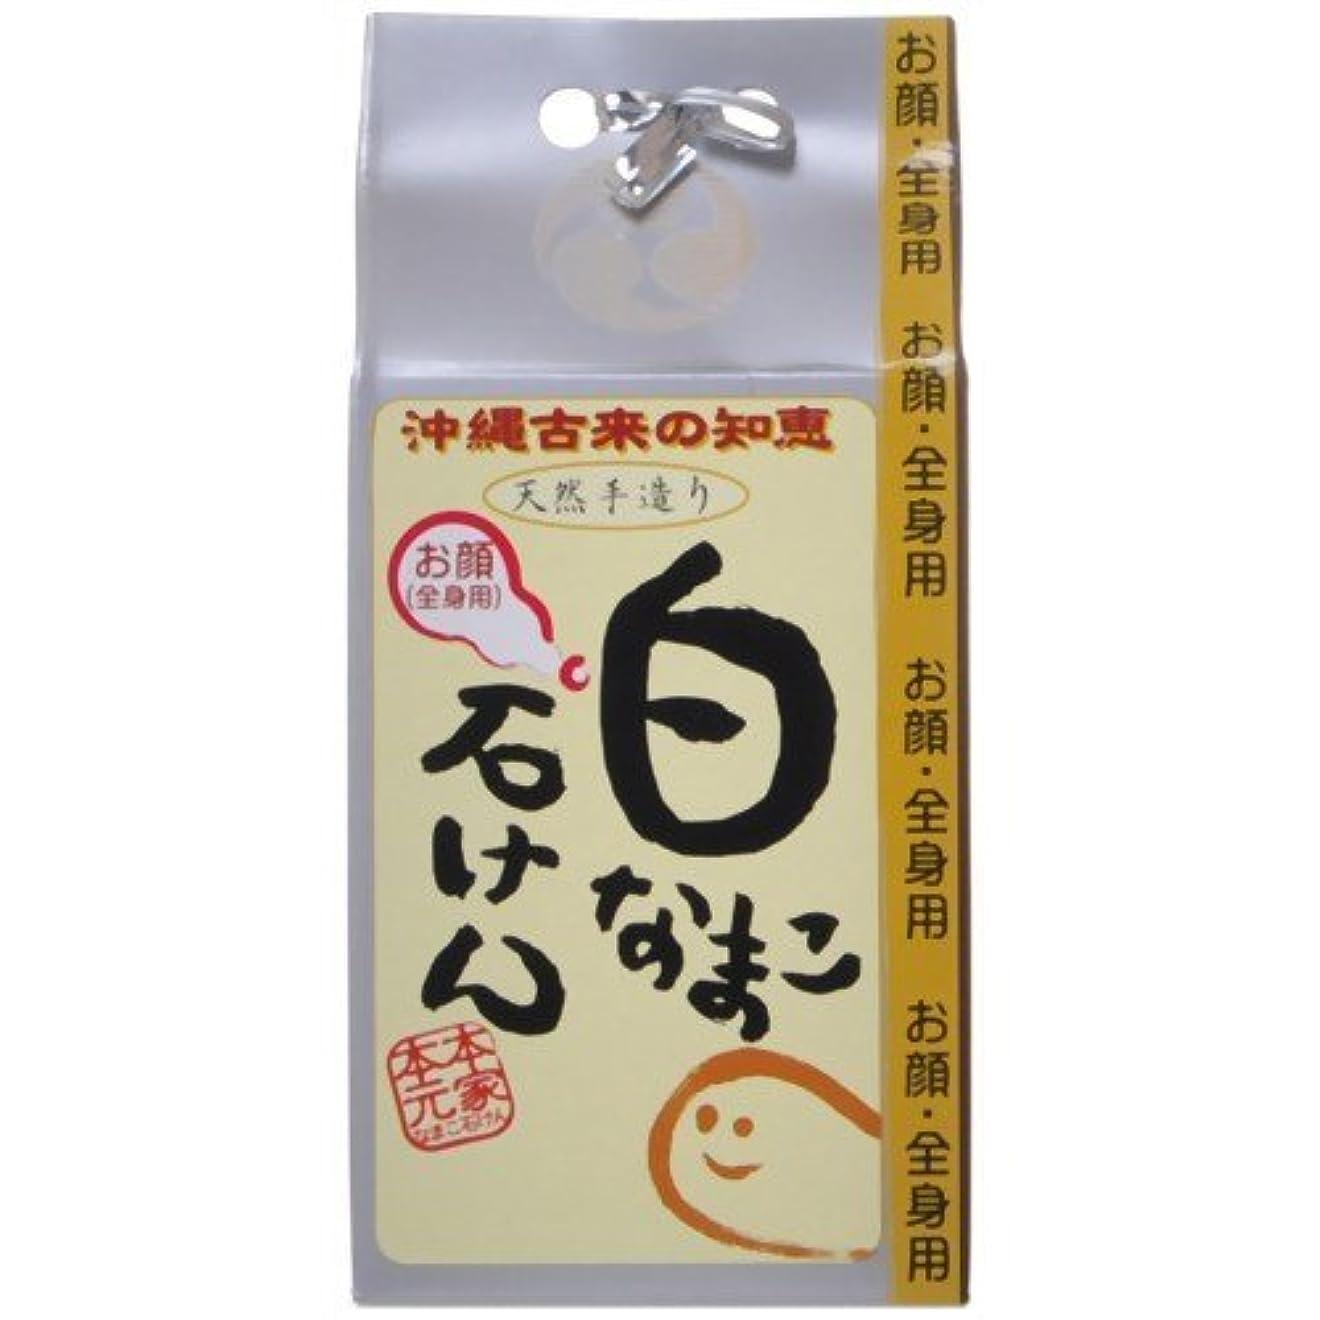 アグネスグレイ歯ワーカー白なまこ石けん なまこ石鹸 (単体) 90g  (お顔?全身用)